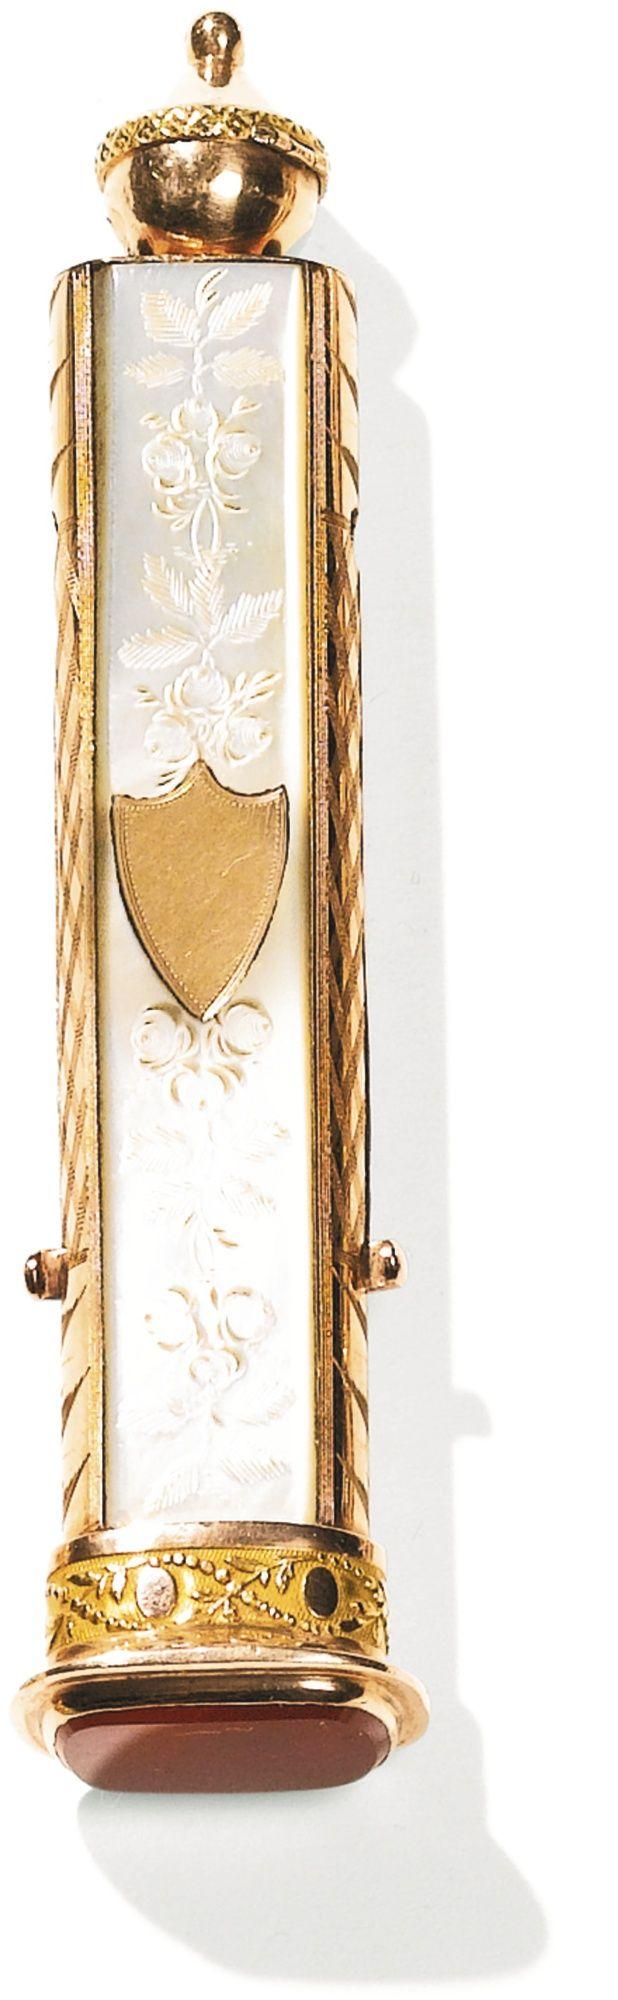 Petit étui à écriture en or de deux couleurs, nacre et cornaline, Paris, vers 1815  A SMALL TWO-COLOUR GOLD, MOTHER-OF-PEARL AND CORNELIAN WRITING NECESSAIRE WITH IMPLEMENTS, PARIS, CIRCA 1815